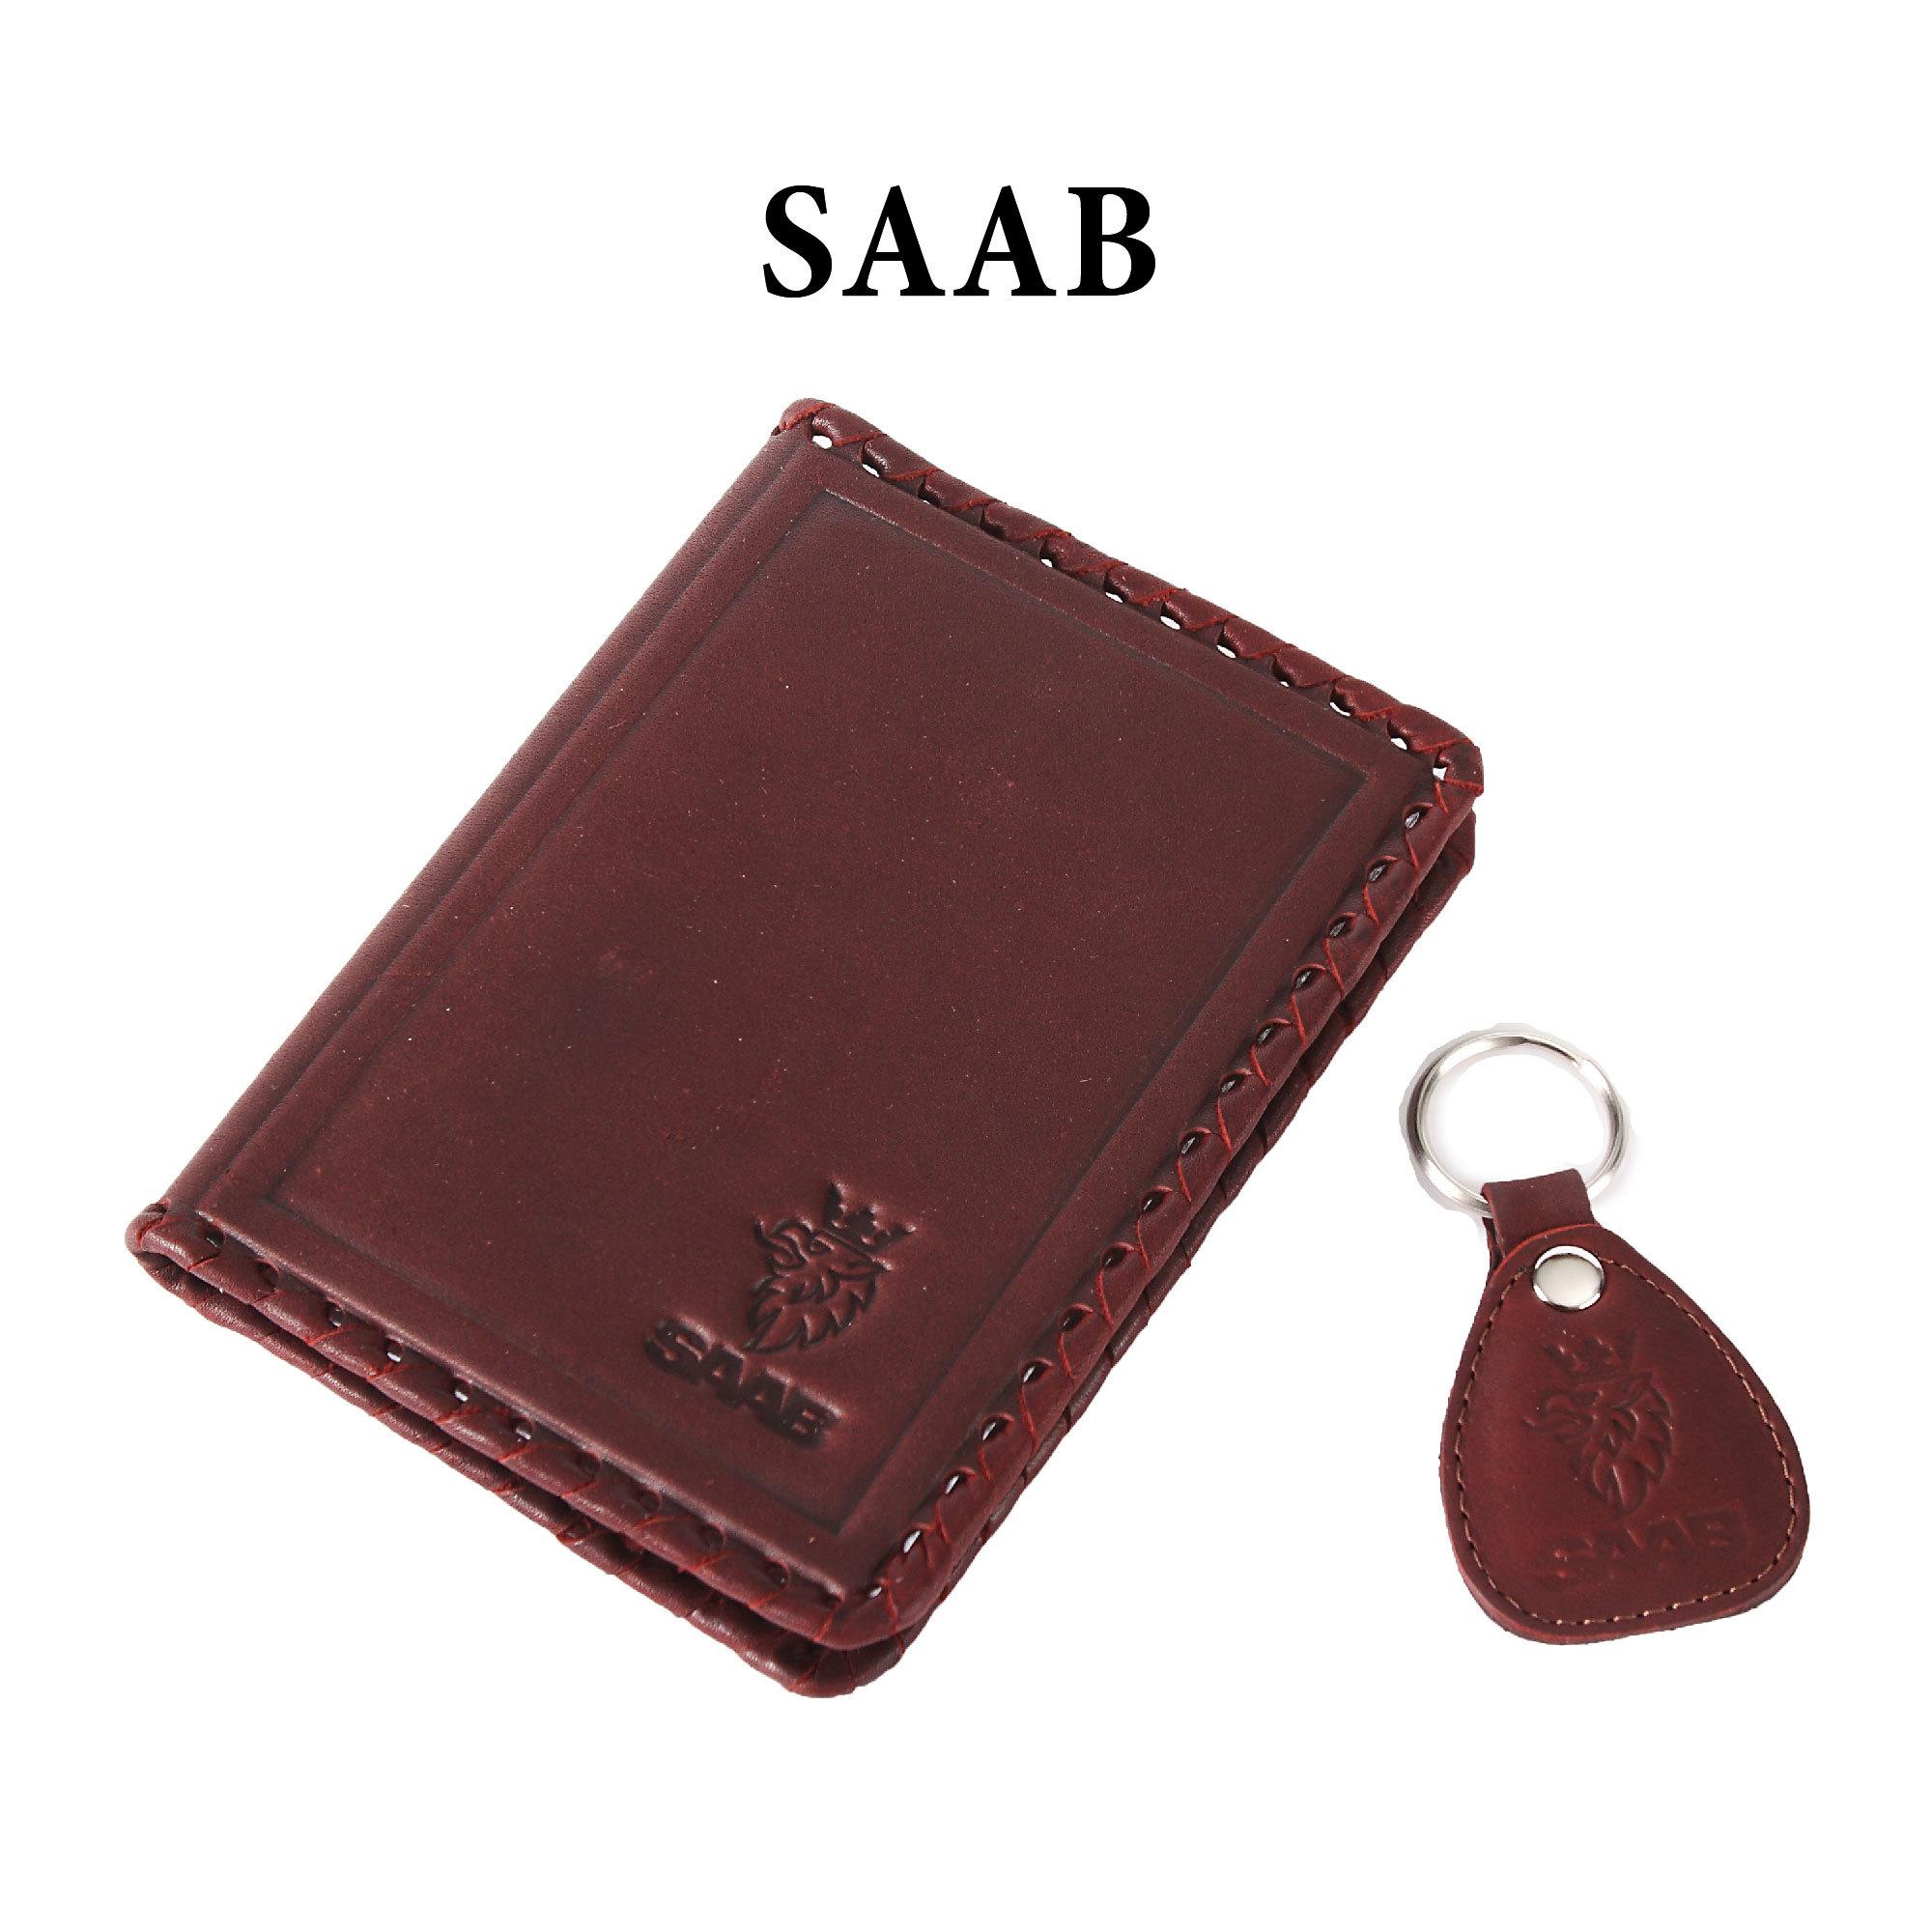 Обложка для водительского удостоверения с брелком «SAAB»